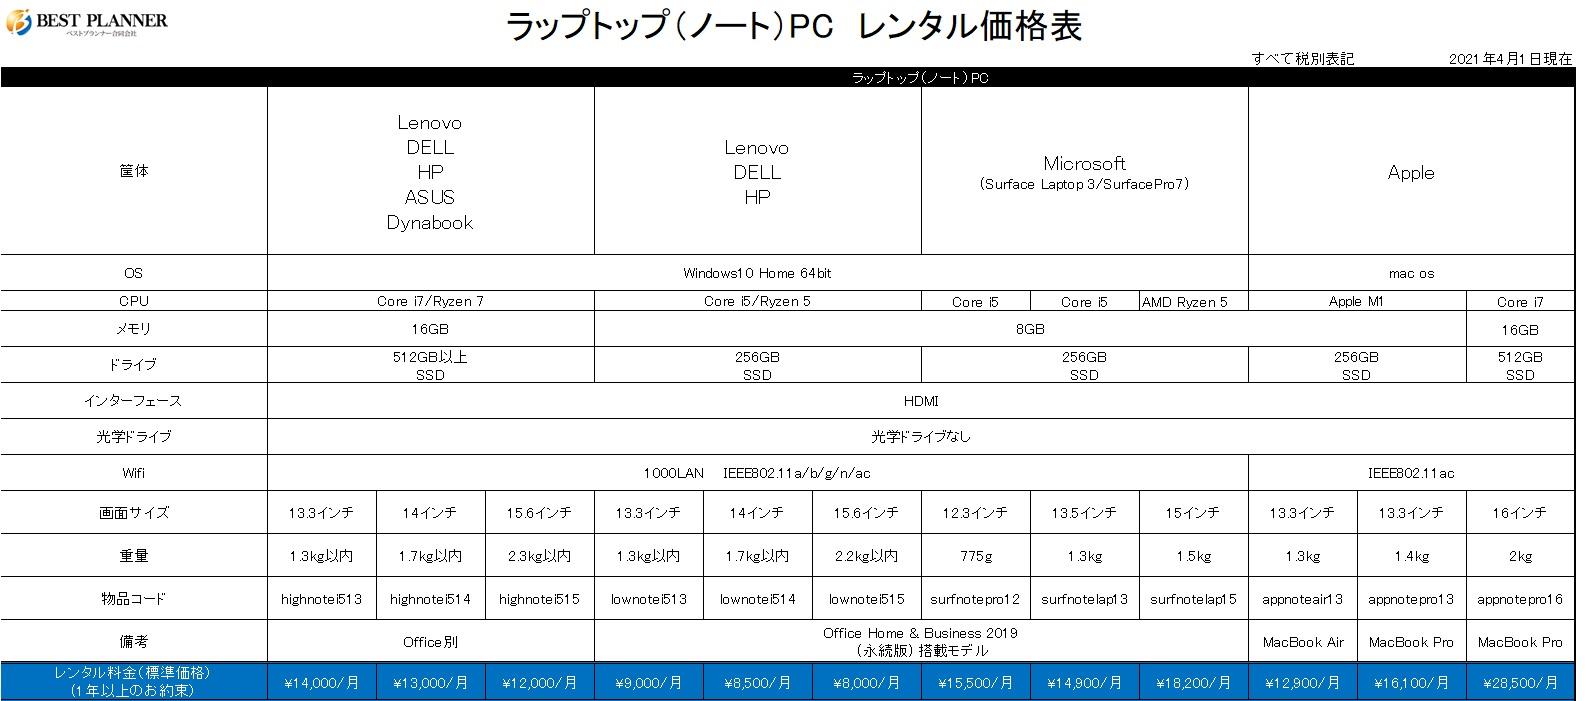 ノートパソコン価格表